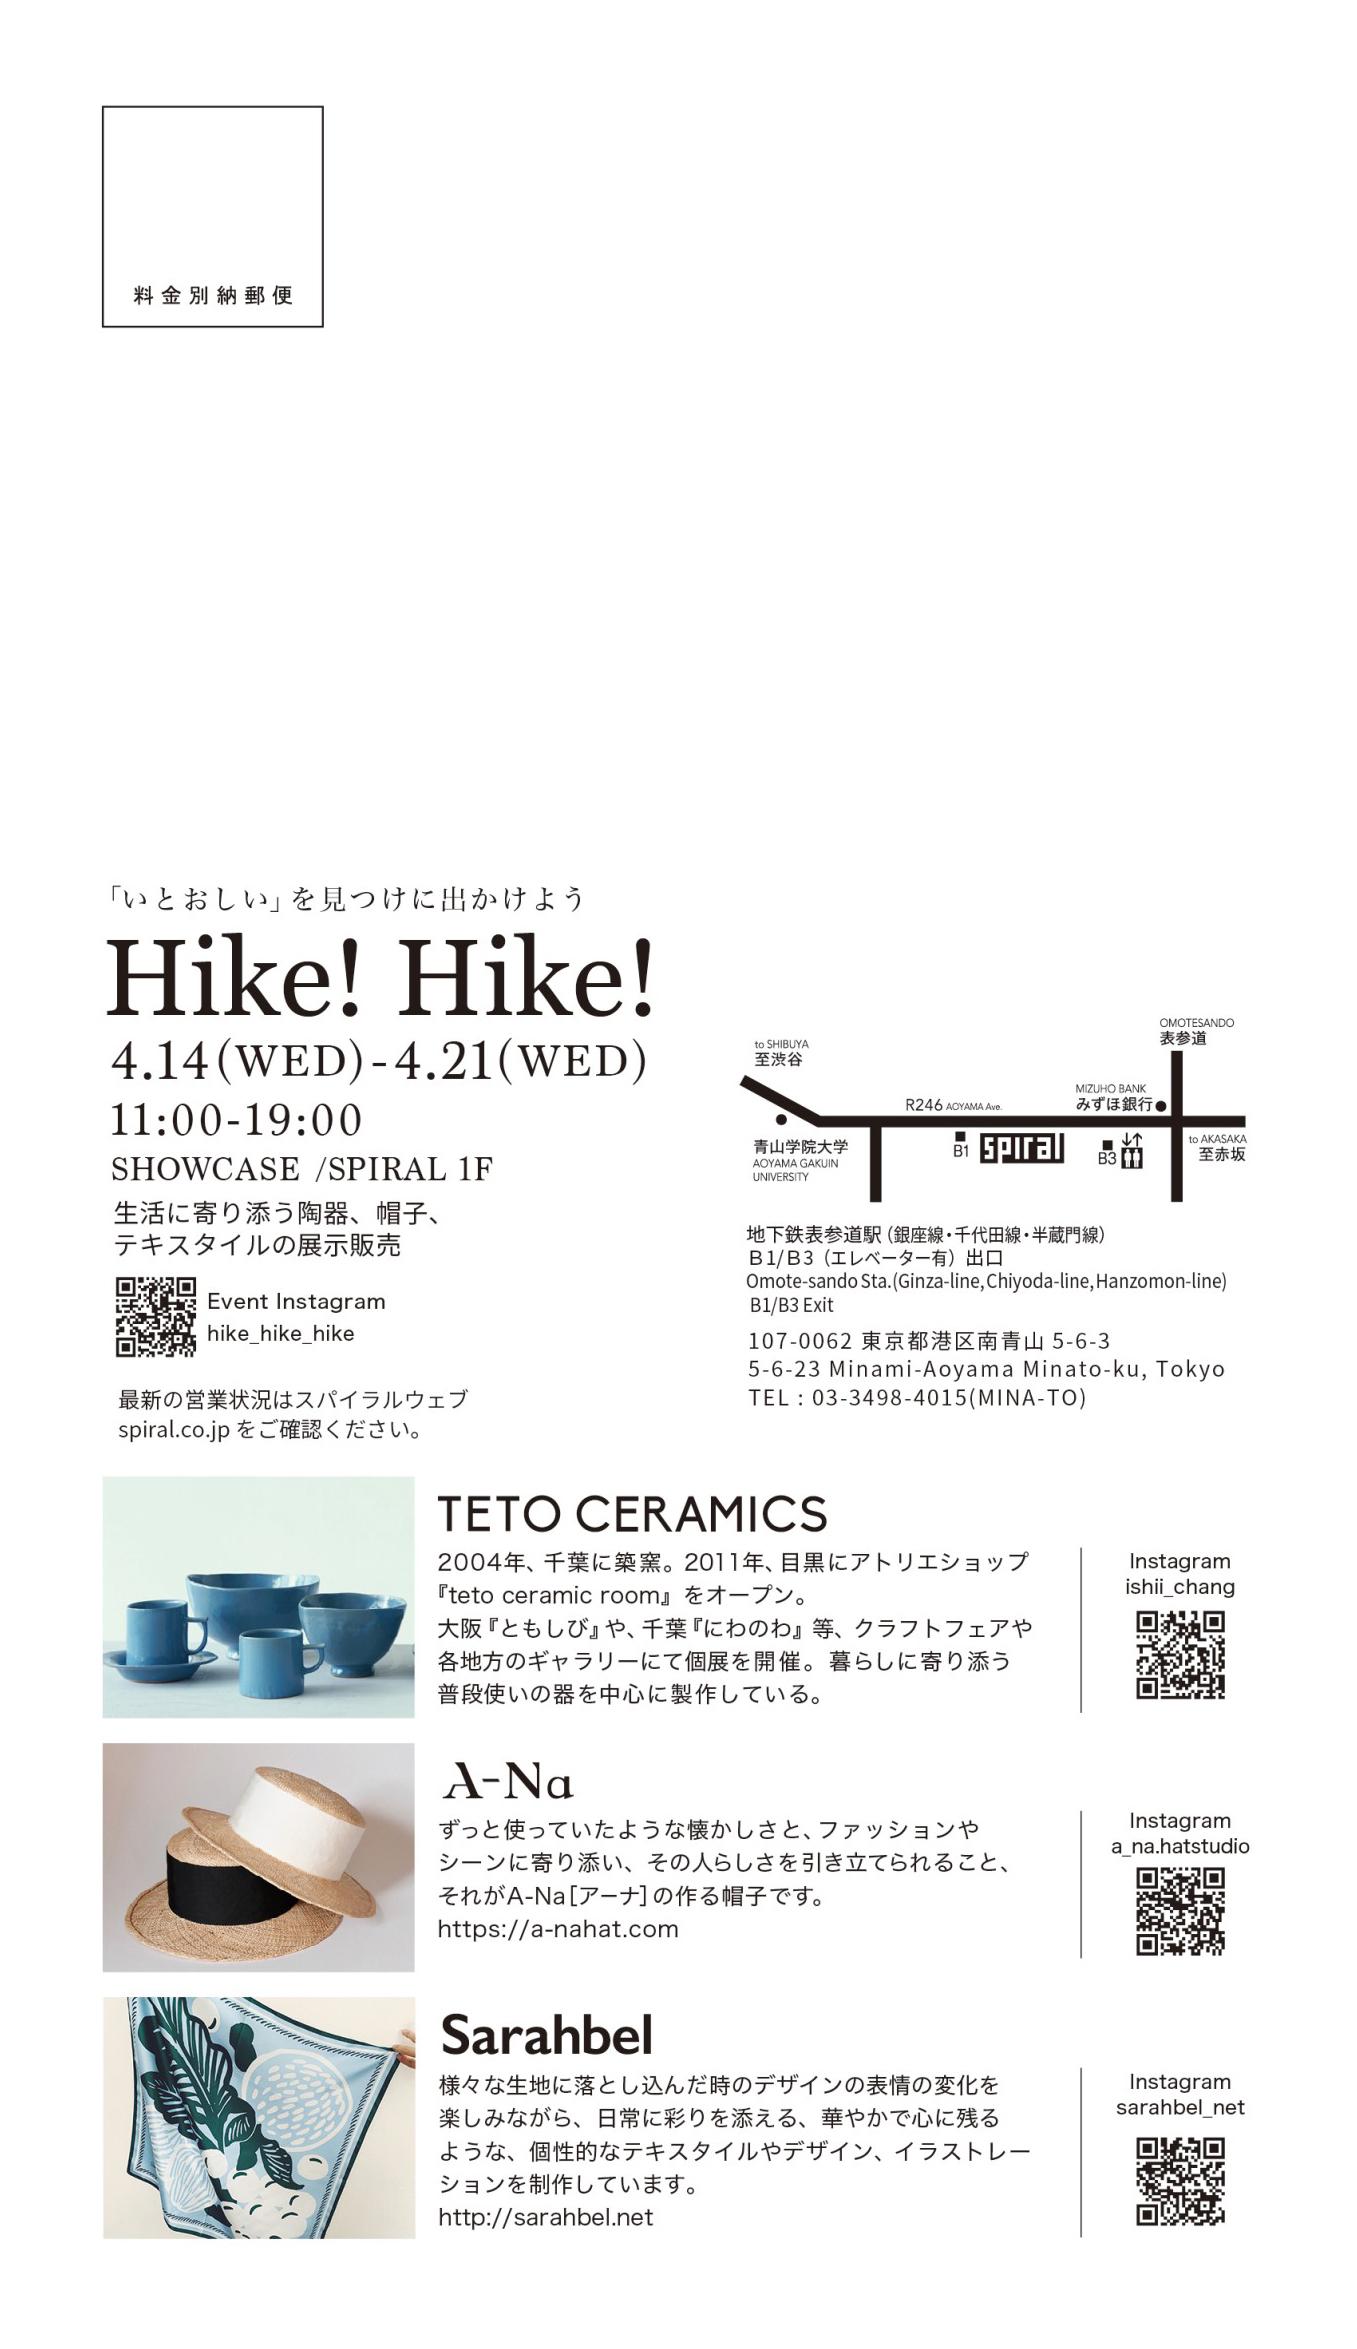 hikehike_2